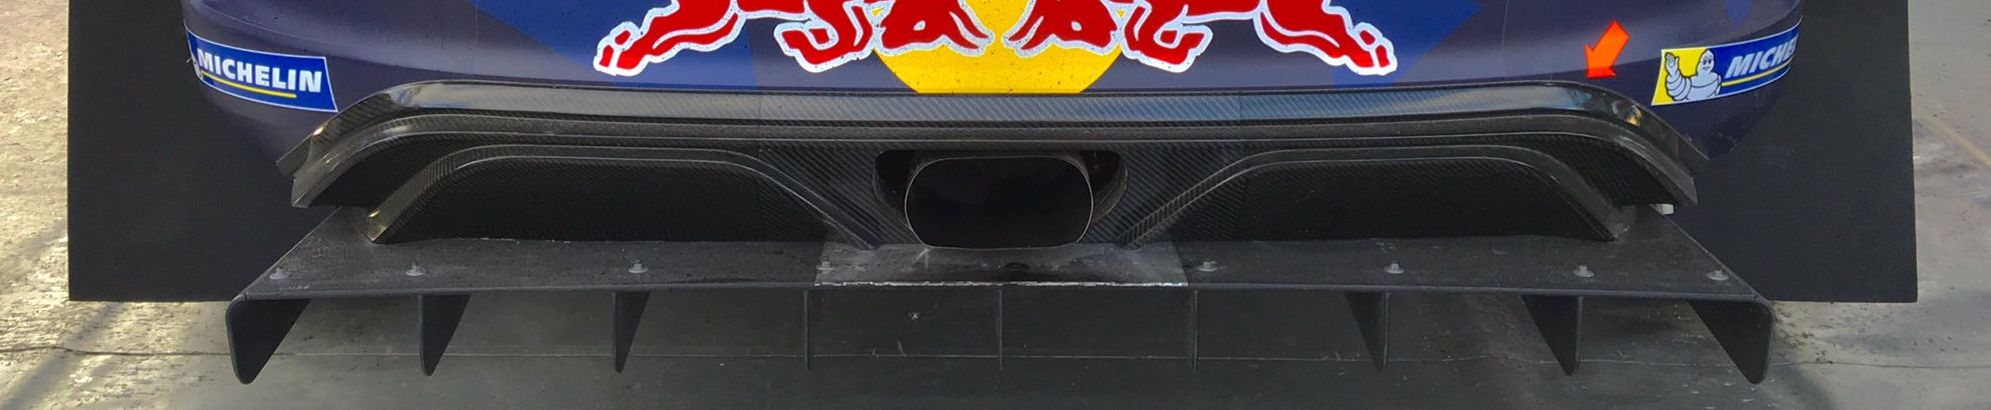 old rear diffuser.jpg